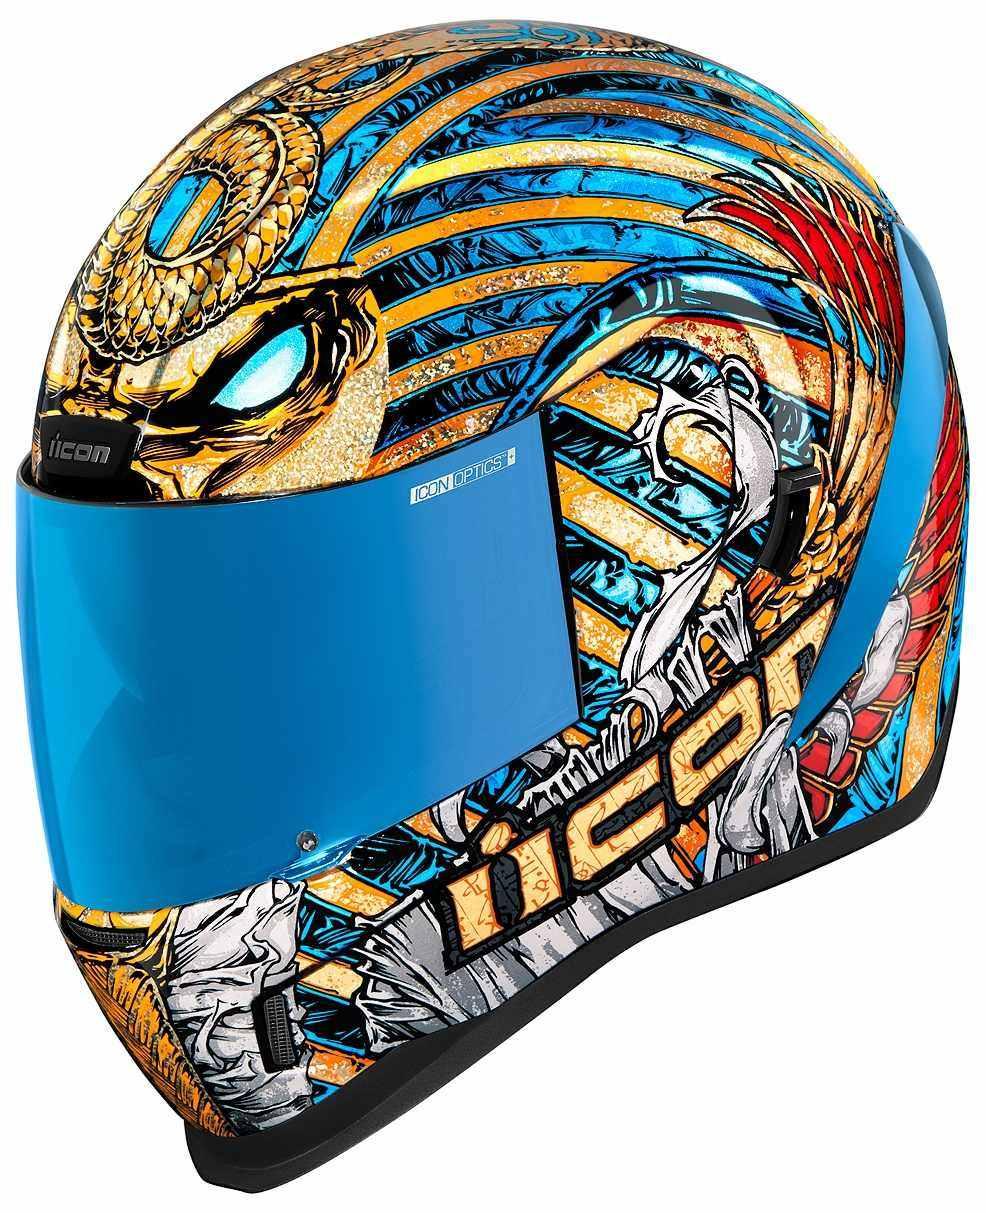 ICONアイコン フルフェイスヘルメット AIRFORM PHARAOH HELMET メーカー直売 エアフォーム 安心と信頼 ヘルメット ファラオ ICON アイコン サイズ:XL